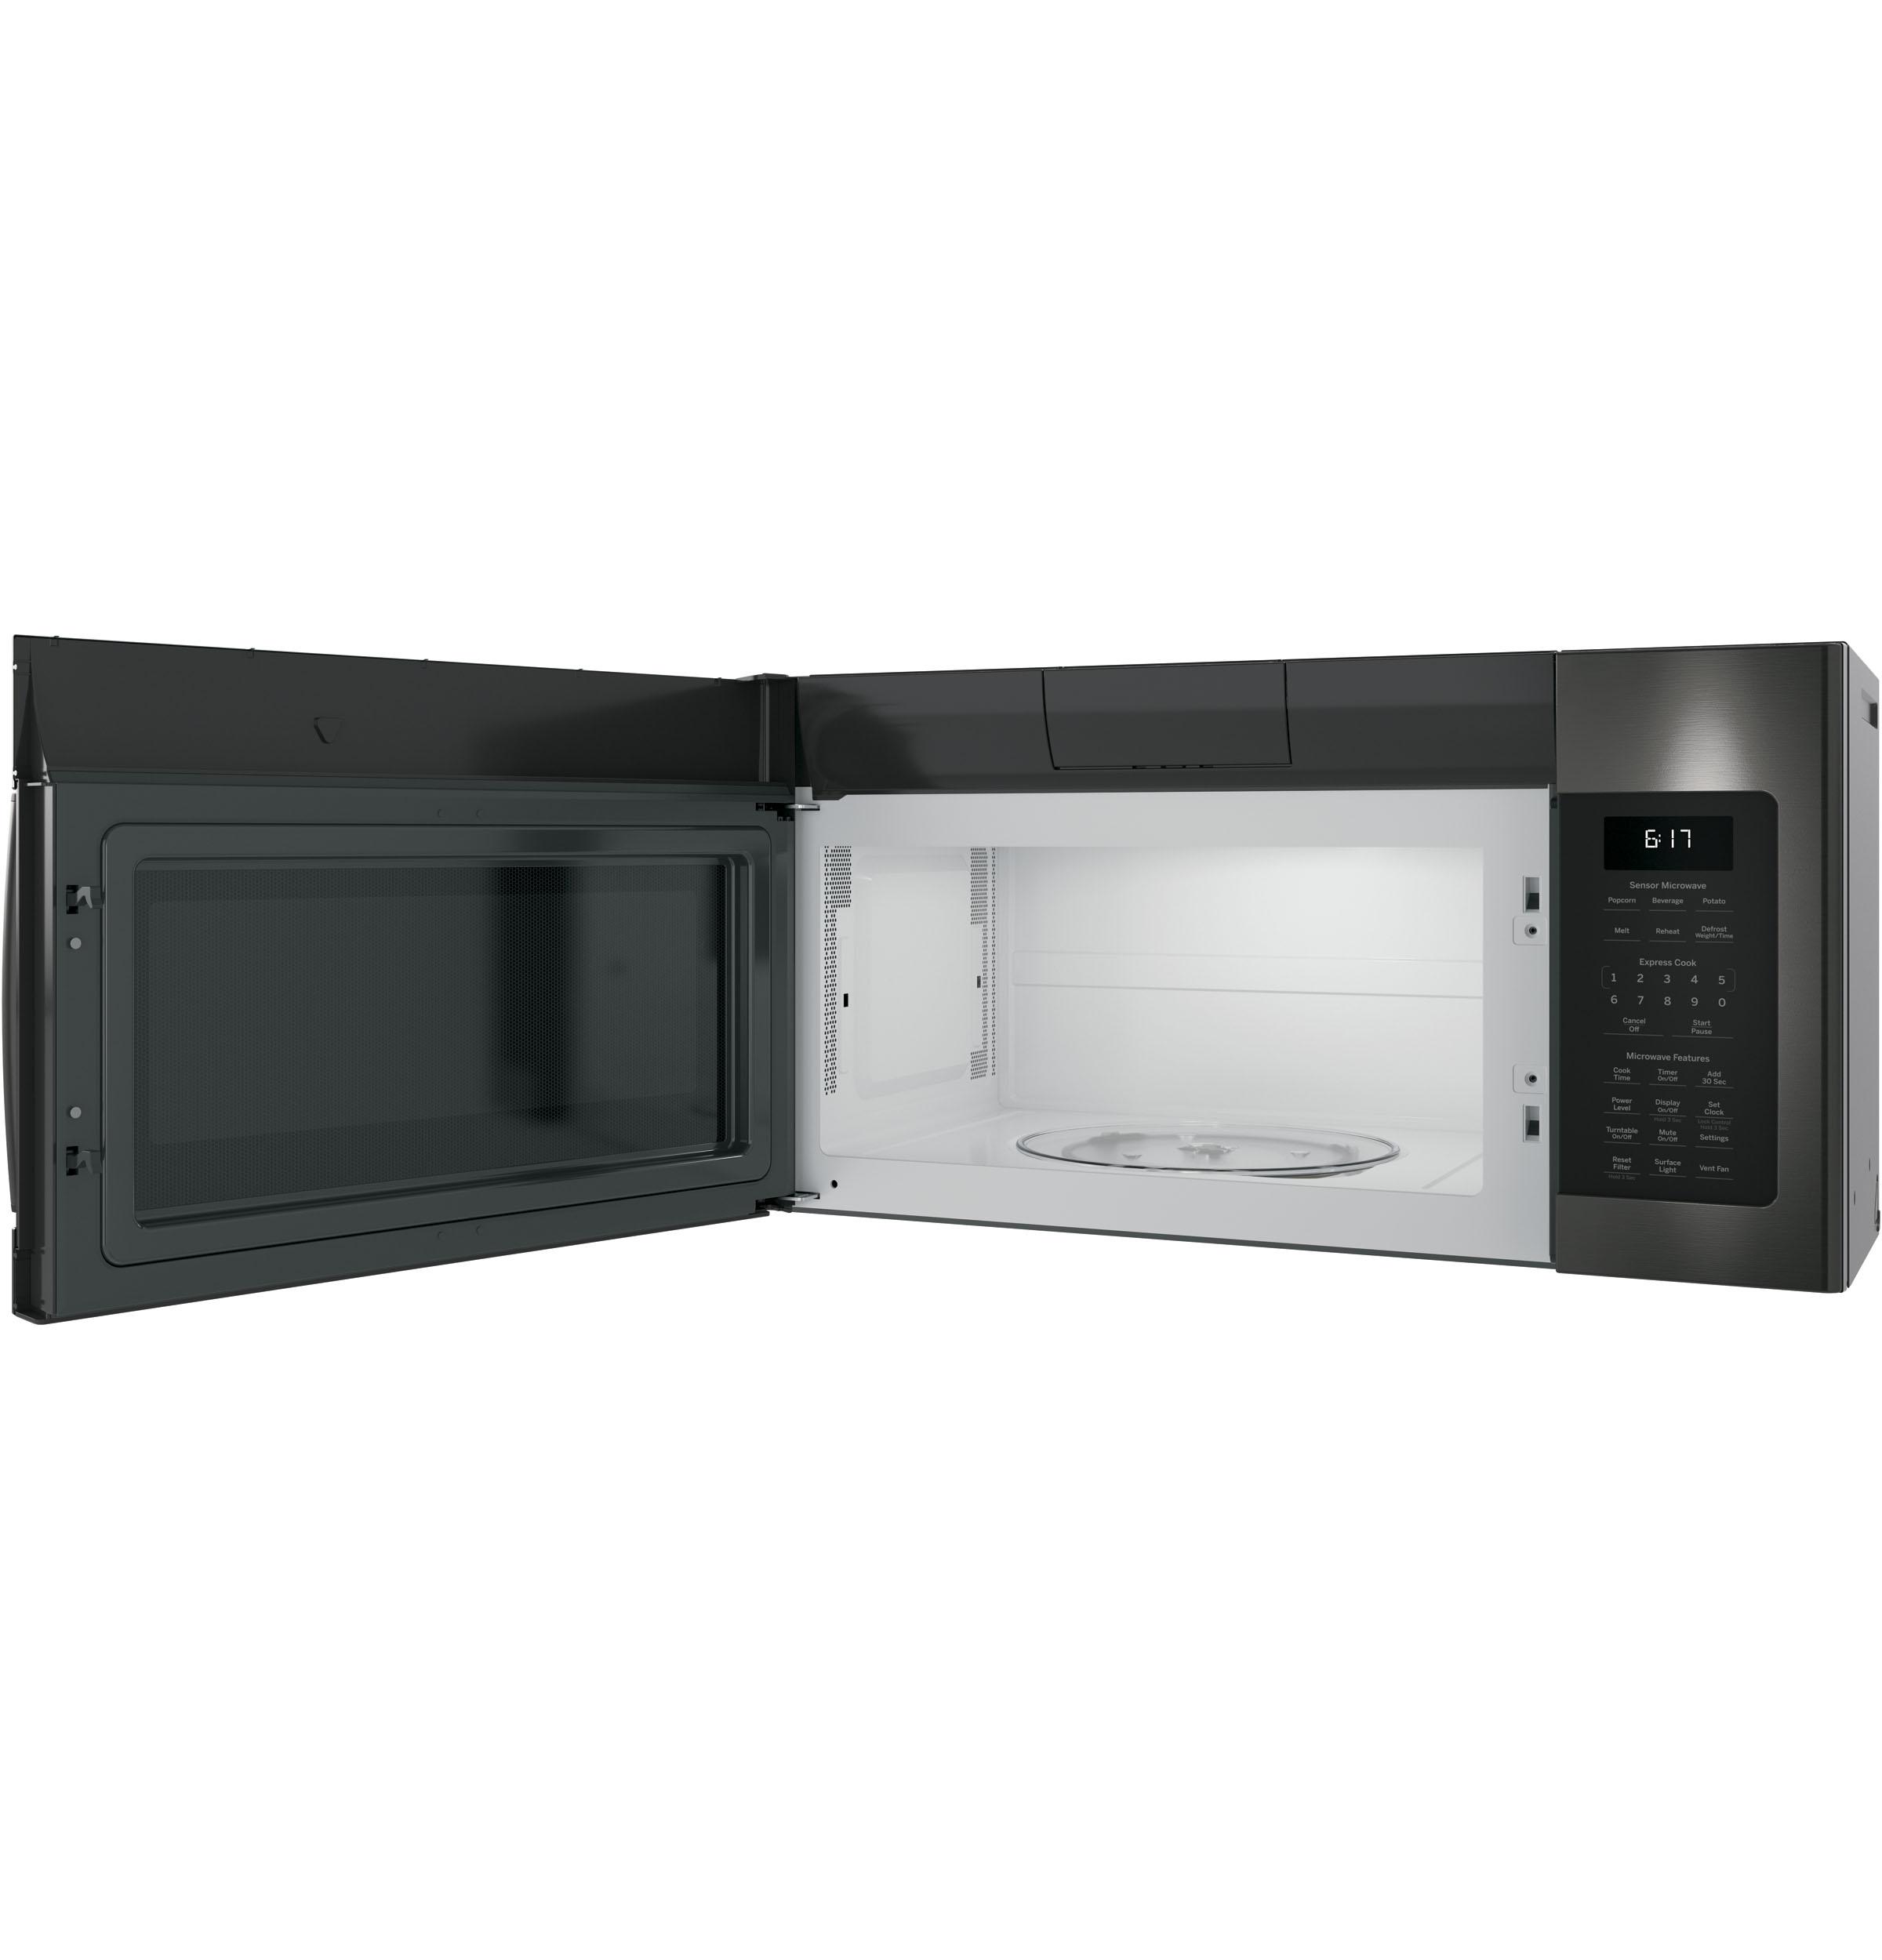 Model: JVM6175BLTS | GE® 1.7 Cu. Ft. Over-the-Range Sensor Microwave Oven